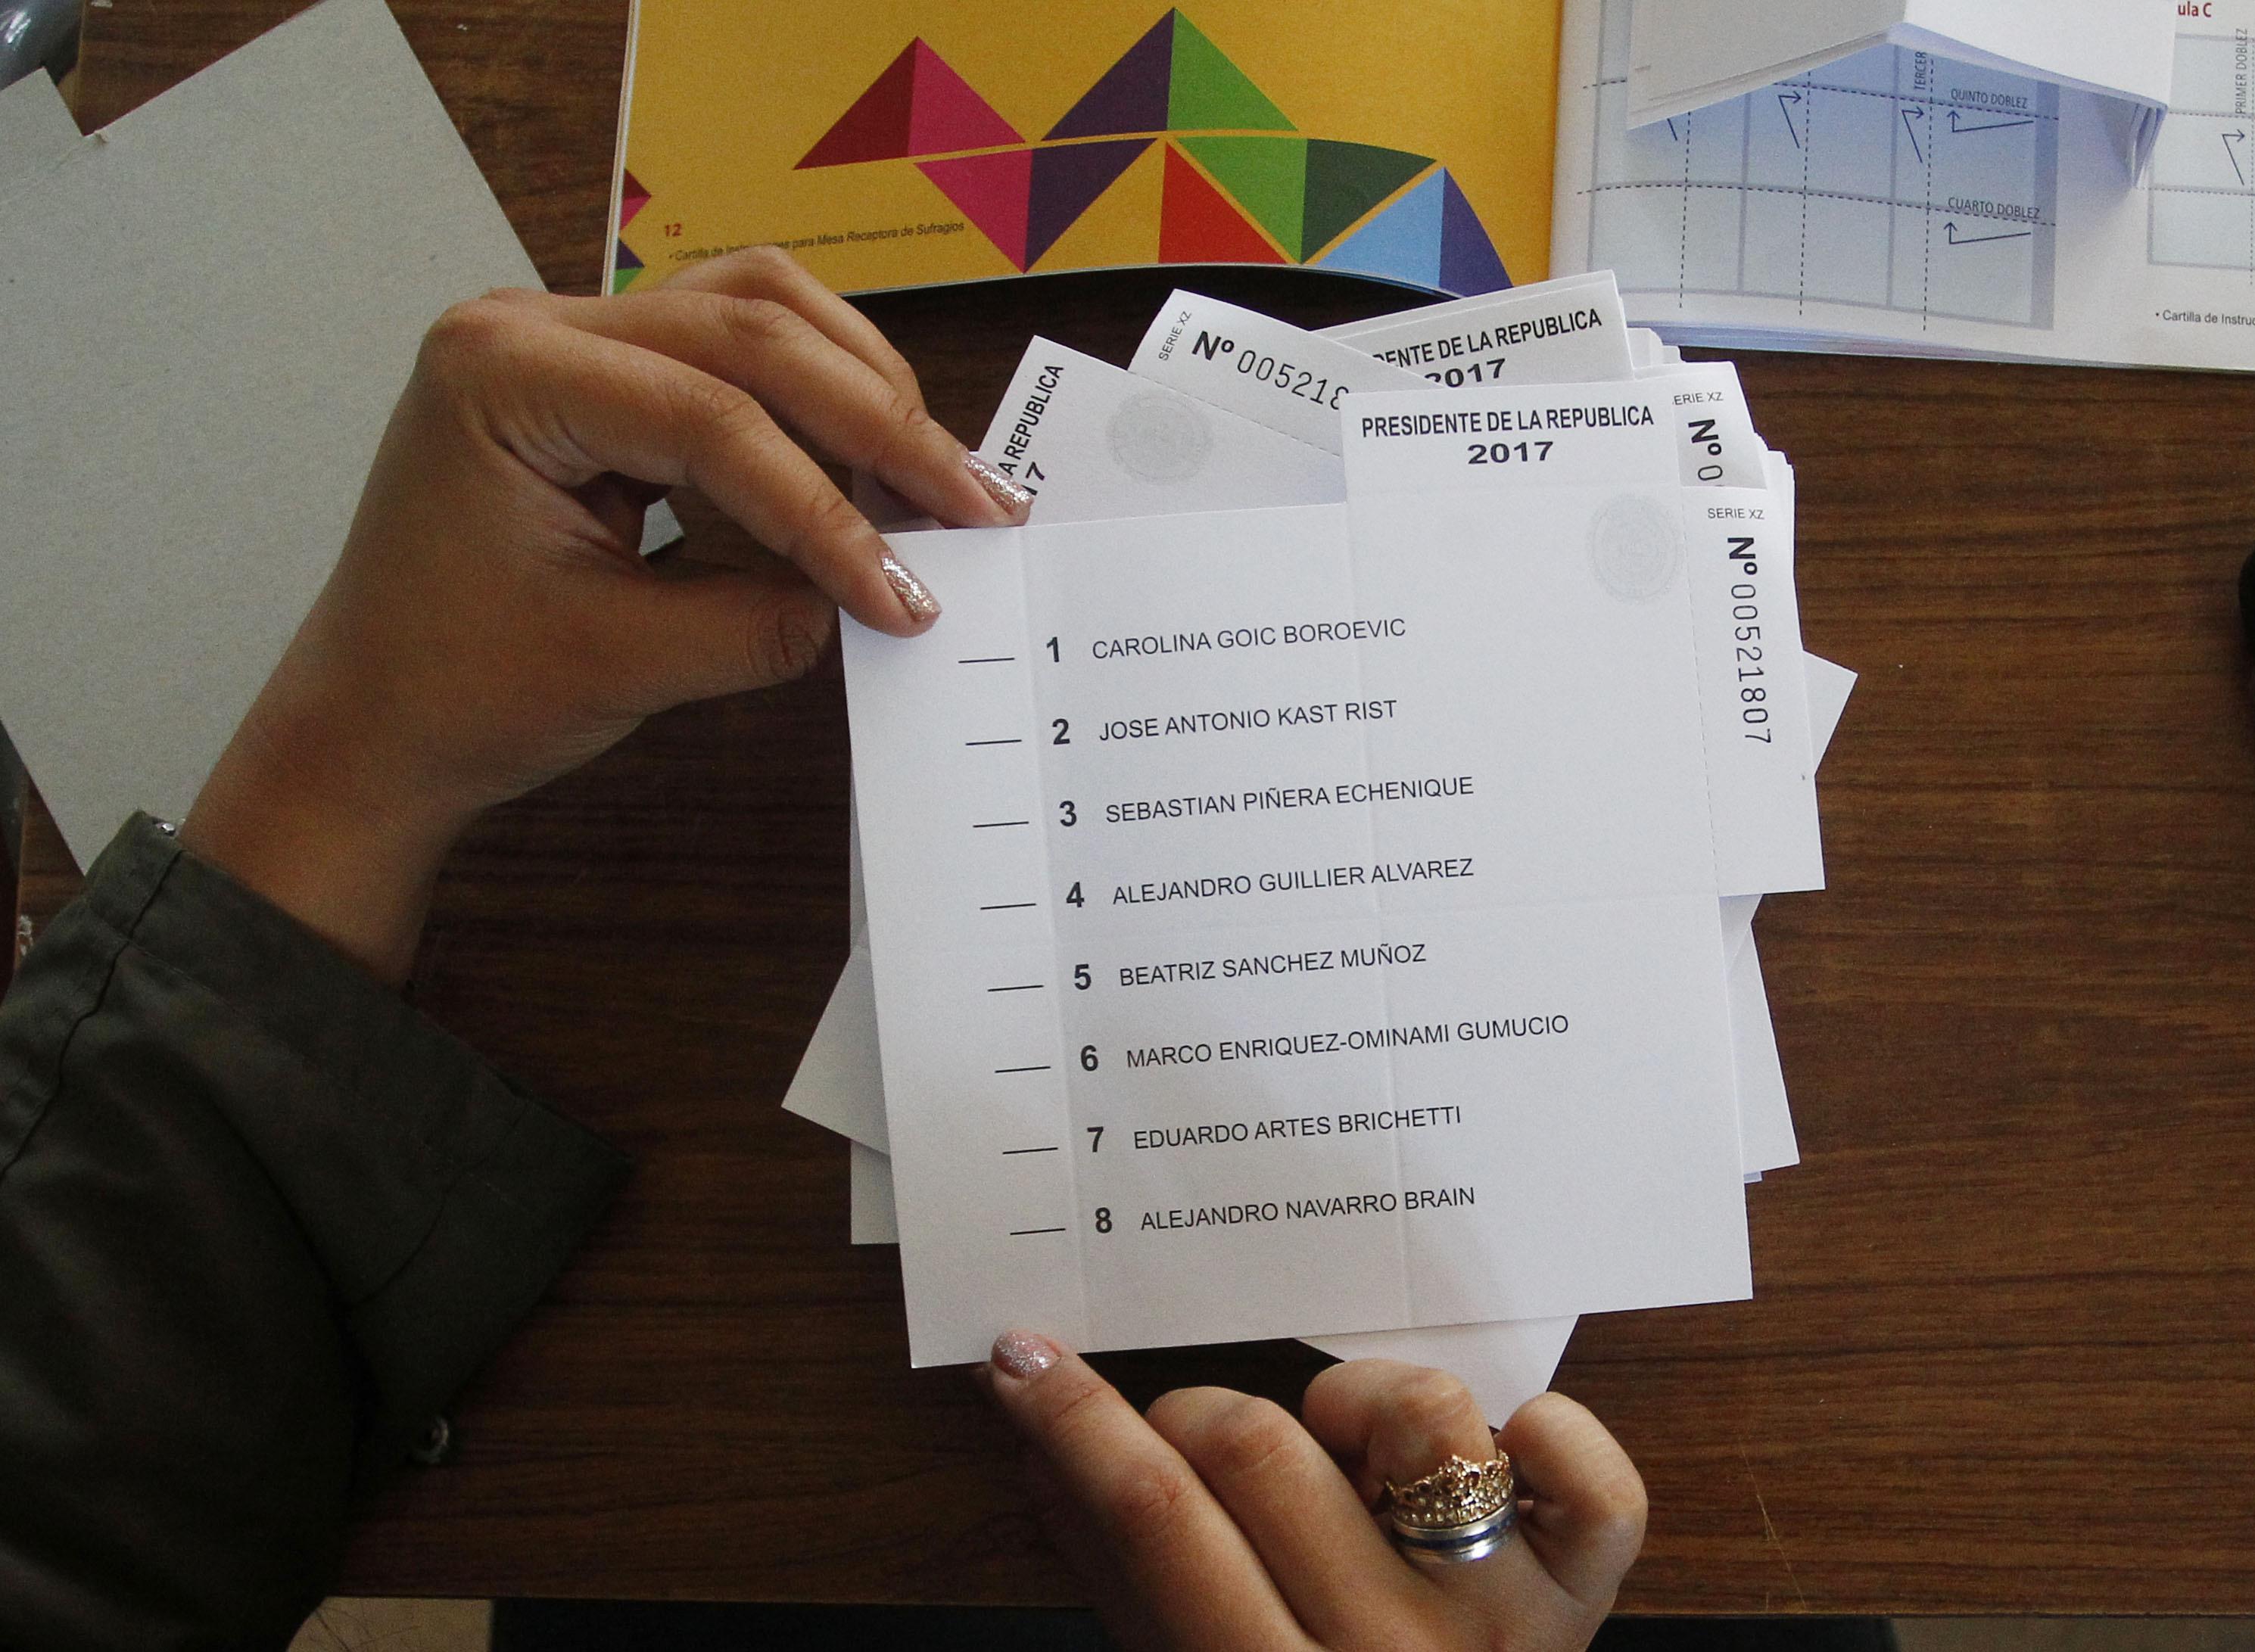 """El mea culpa de la CEP tras las elecciones: """"Sobreestimamos la votación de Piñera y subestimamos a Sánchez"""""""